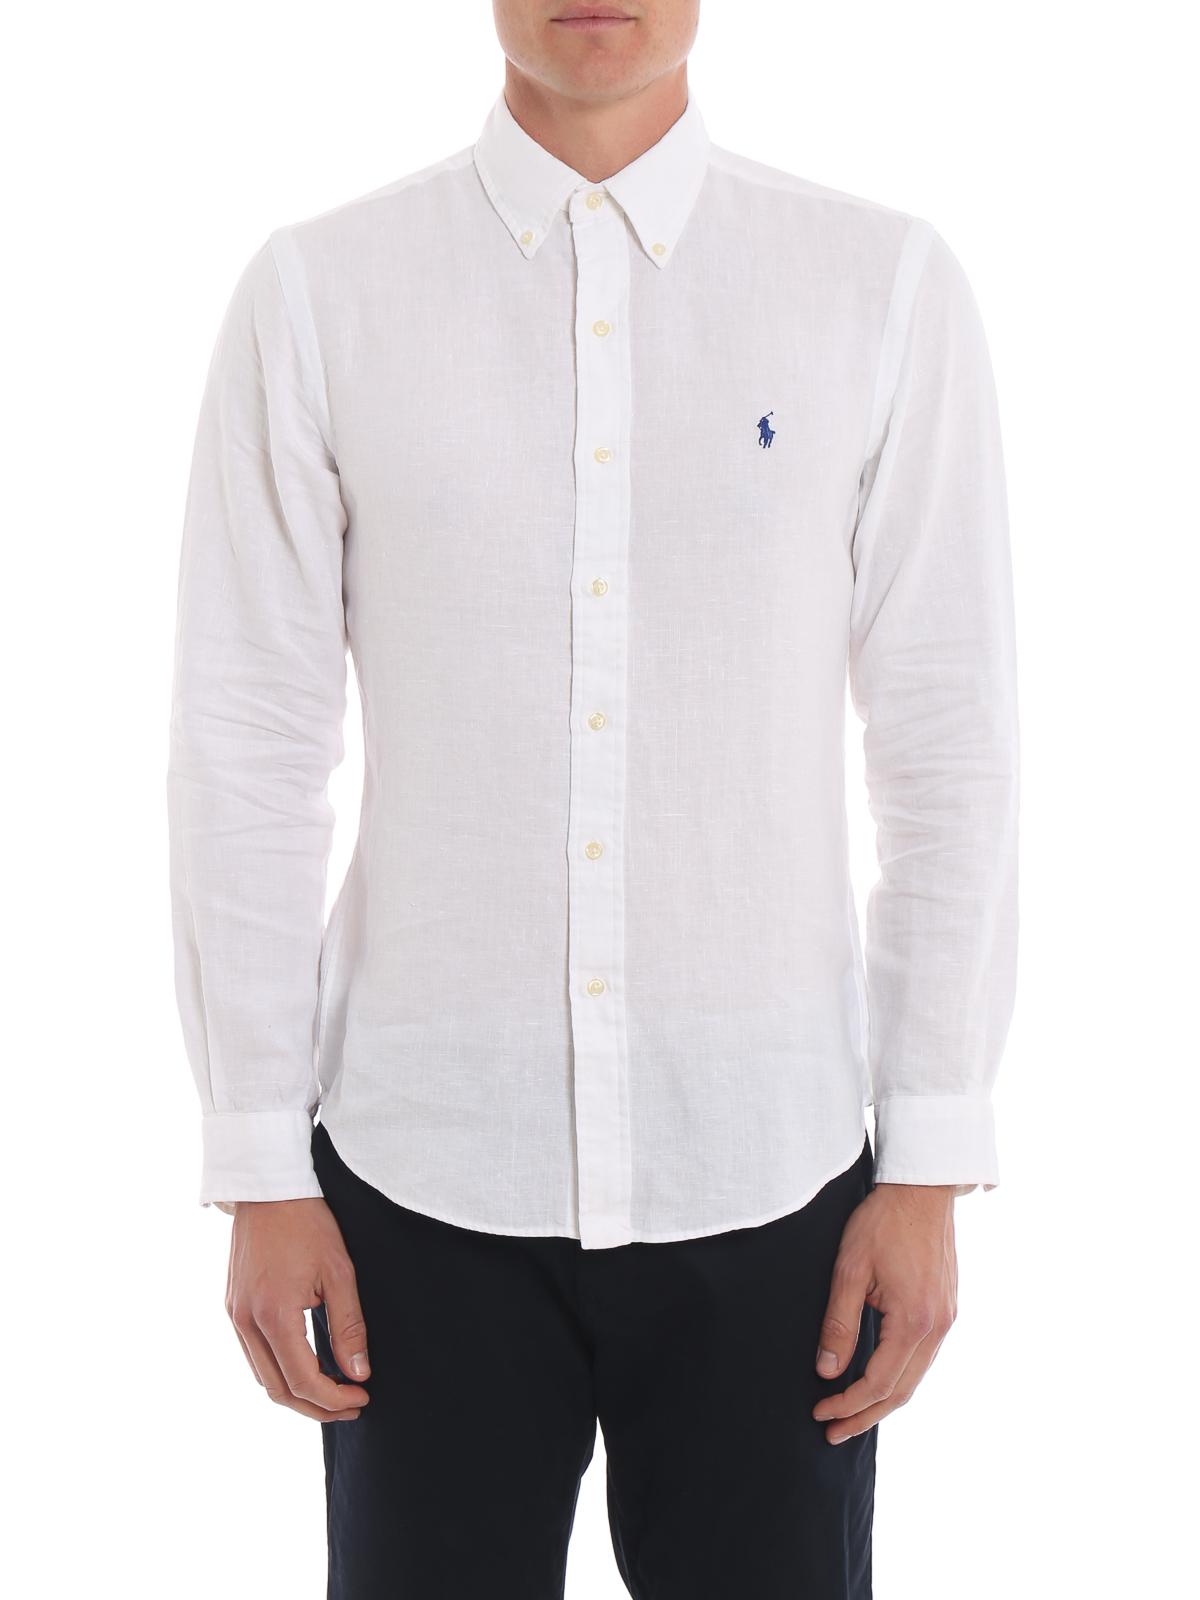 ee9a3e1e0cff06 Ralph Lauren - White linen b d shirt - shirts - 710744906008